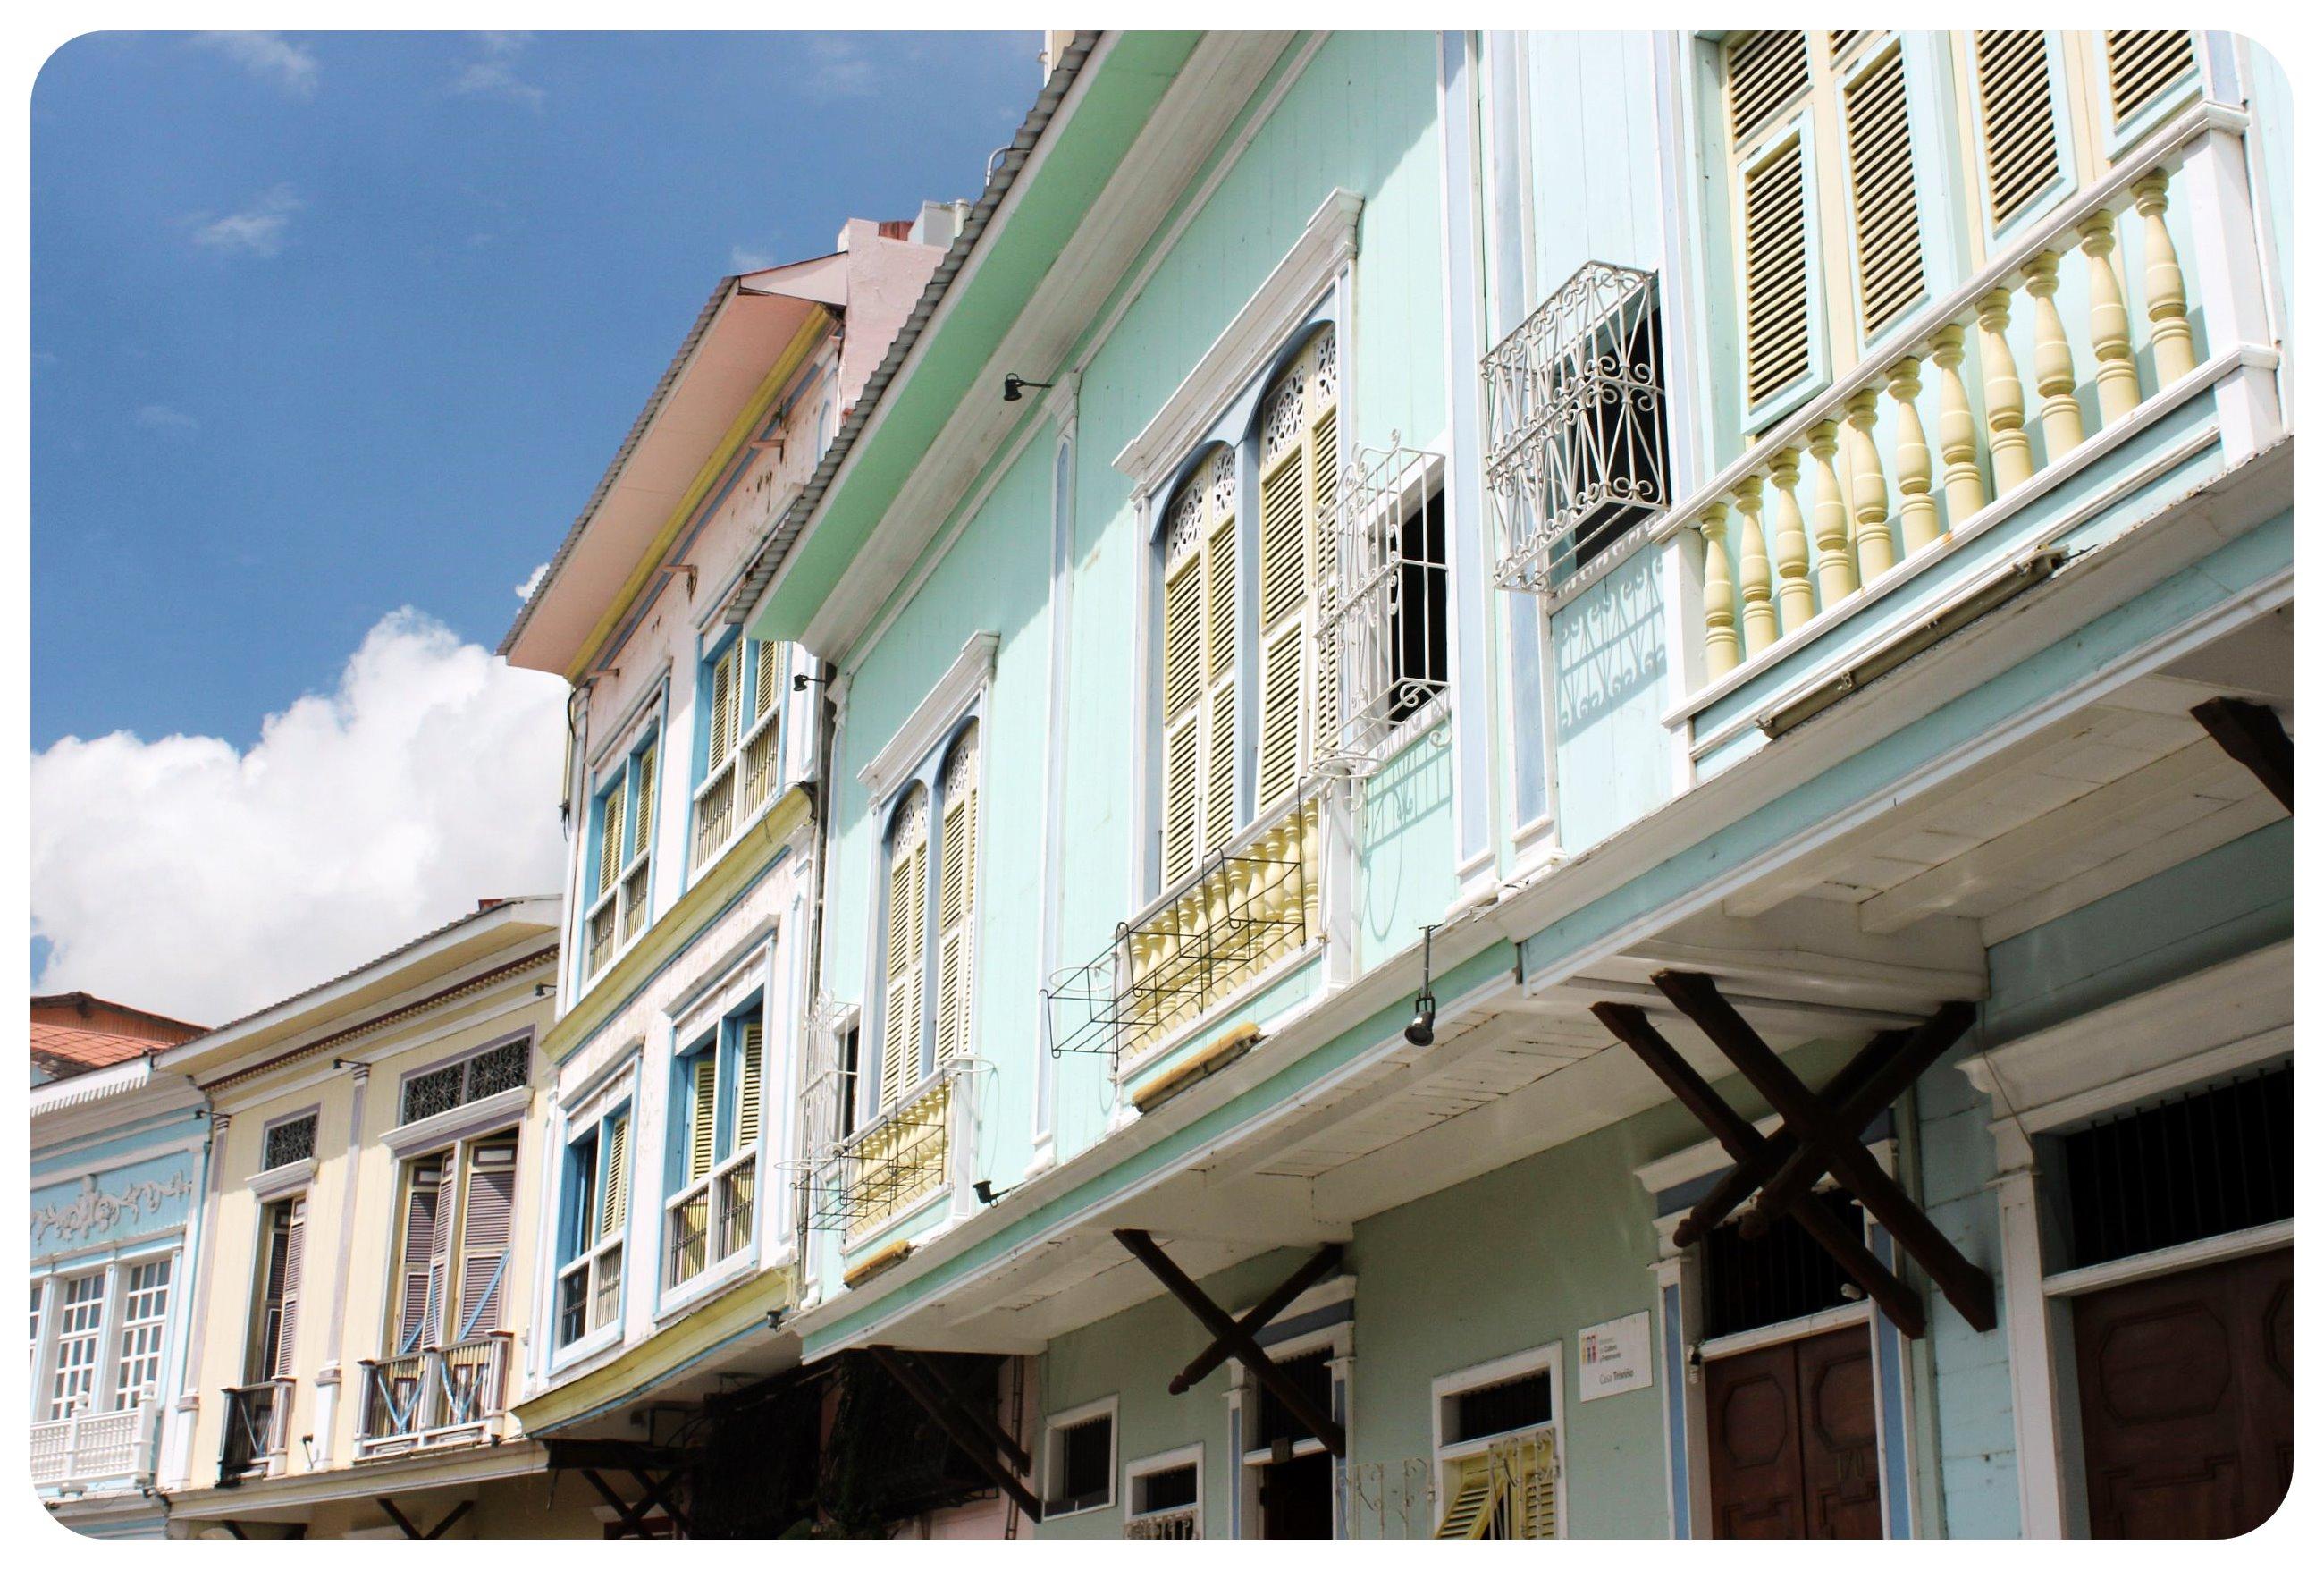 guayaquil las penas balconies